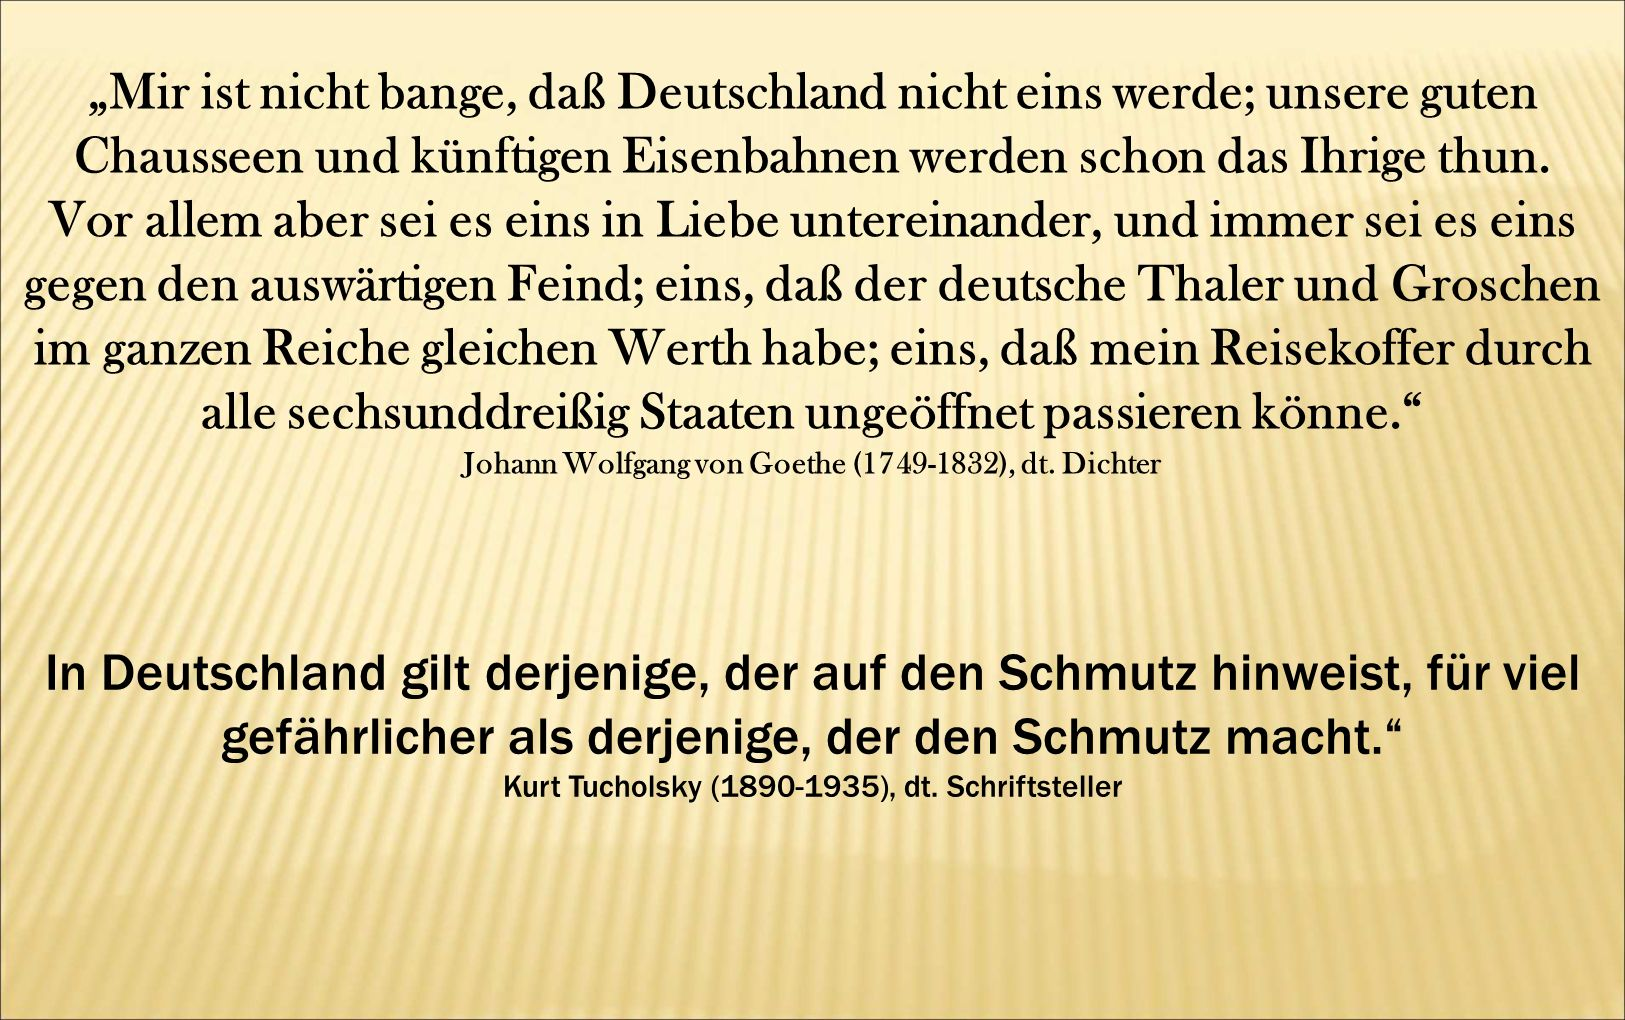 """""""Mir ist nicht bange, daß Deutschland nicht eins werde; unsere guten Chausseen und künftigen Eisenbahnen werden schon das Ihrige thun."""